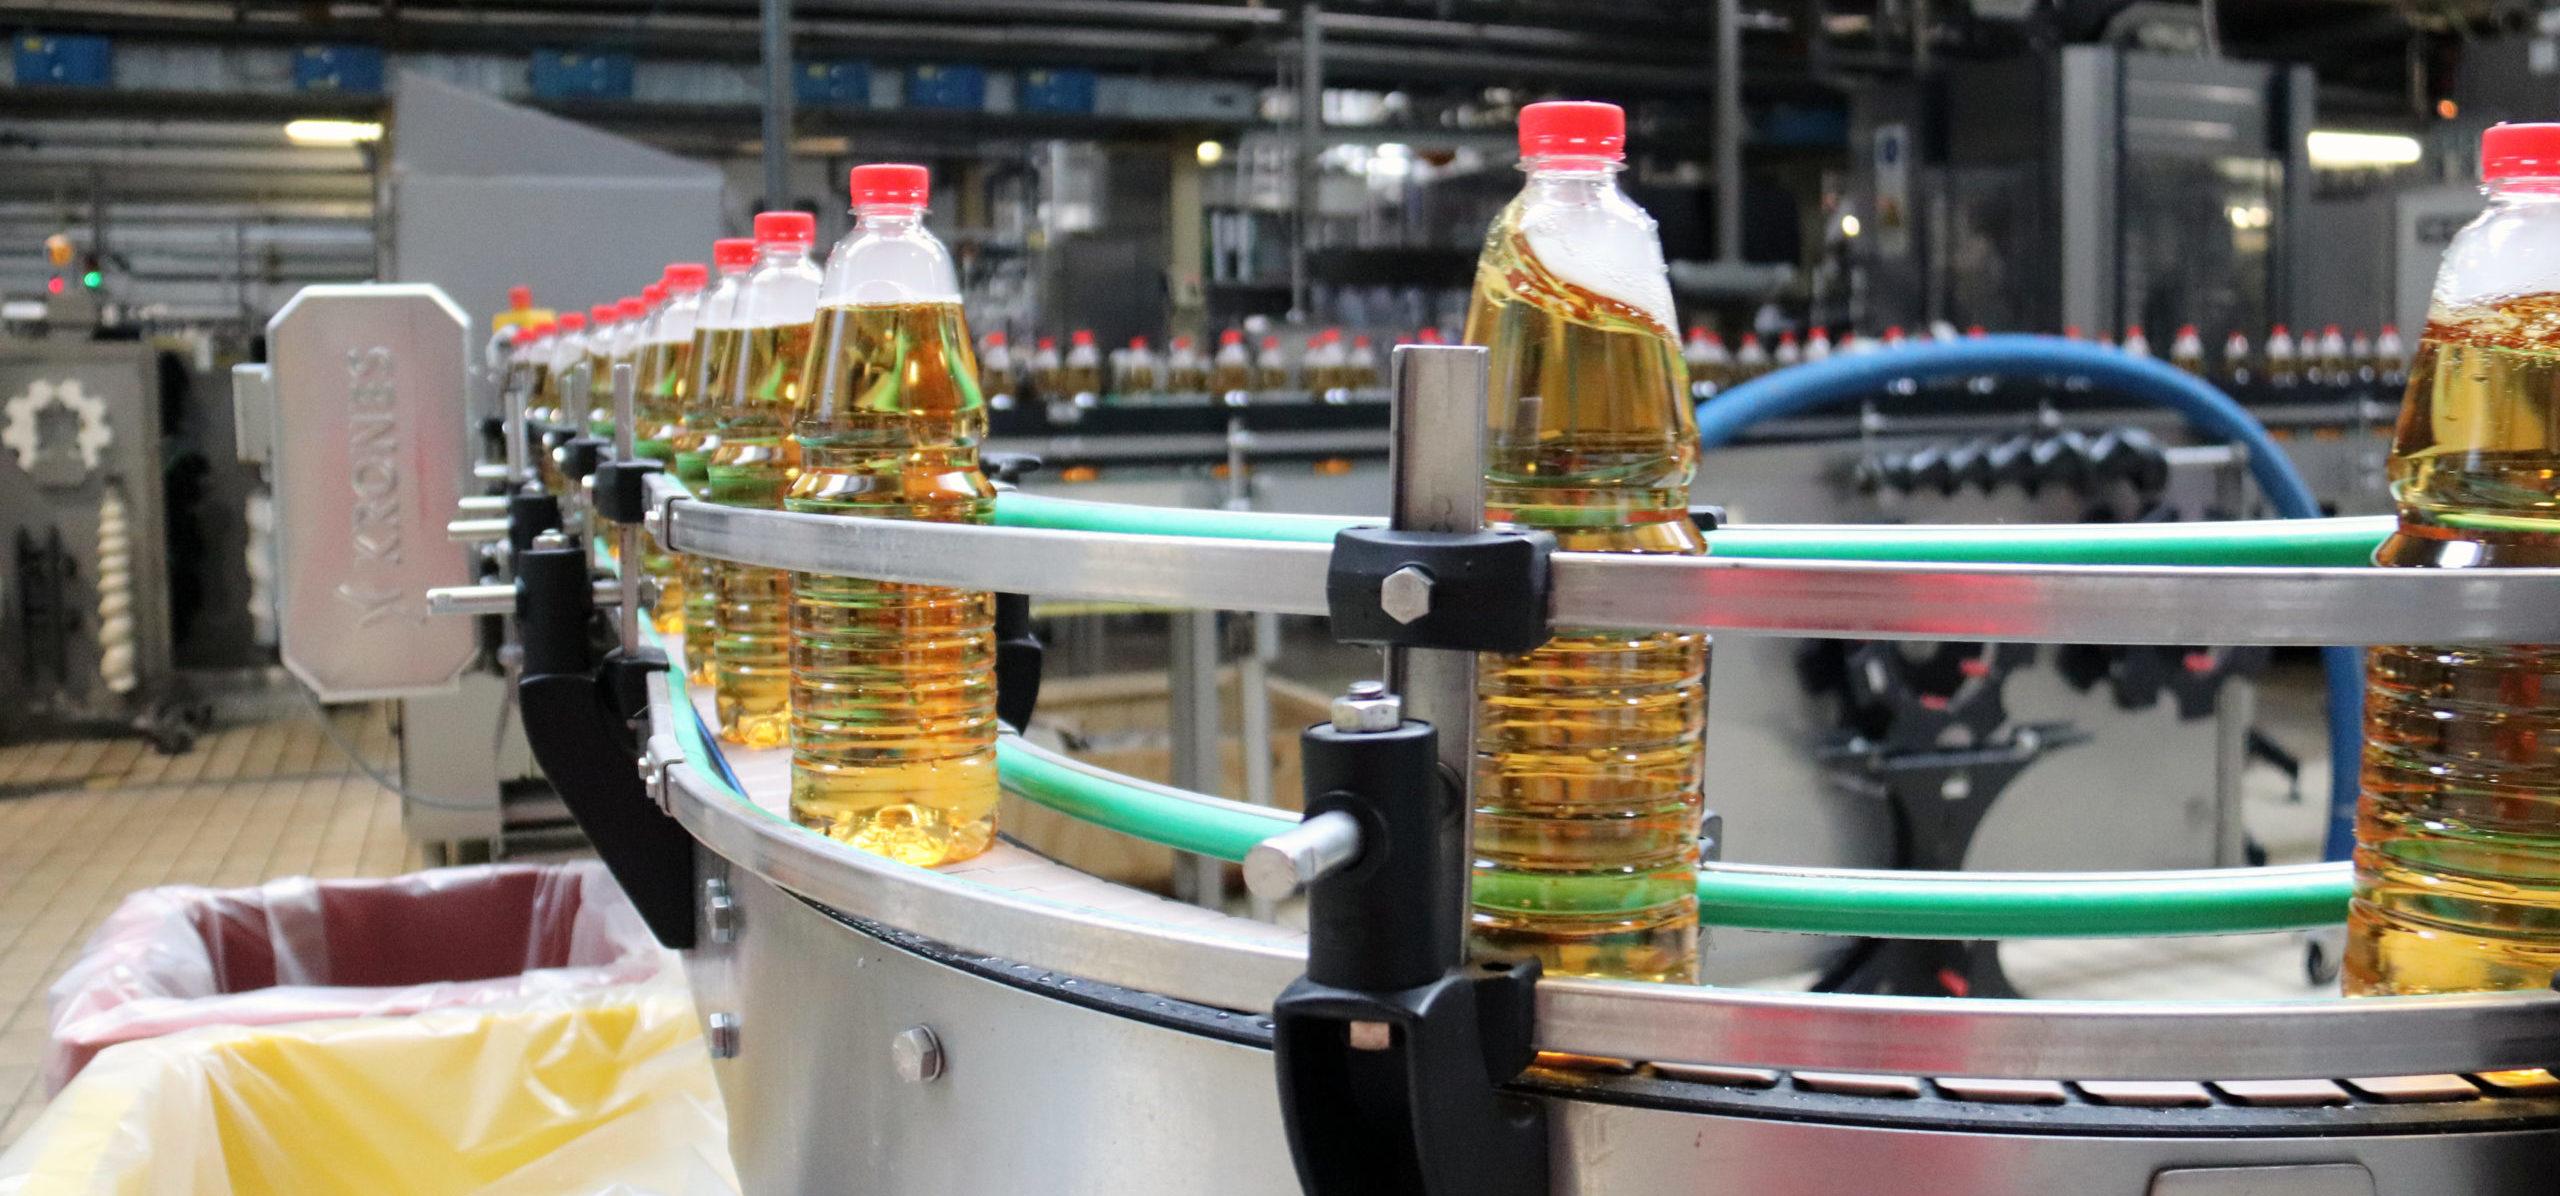 Produktionsvorgang in der Lohnabfüllung von Saucen